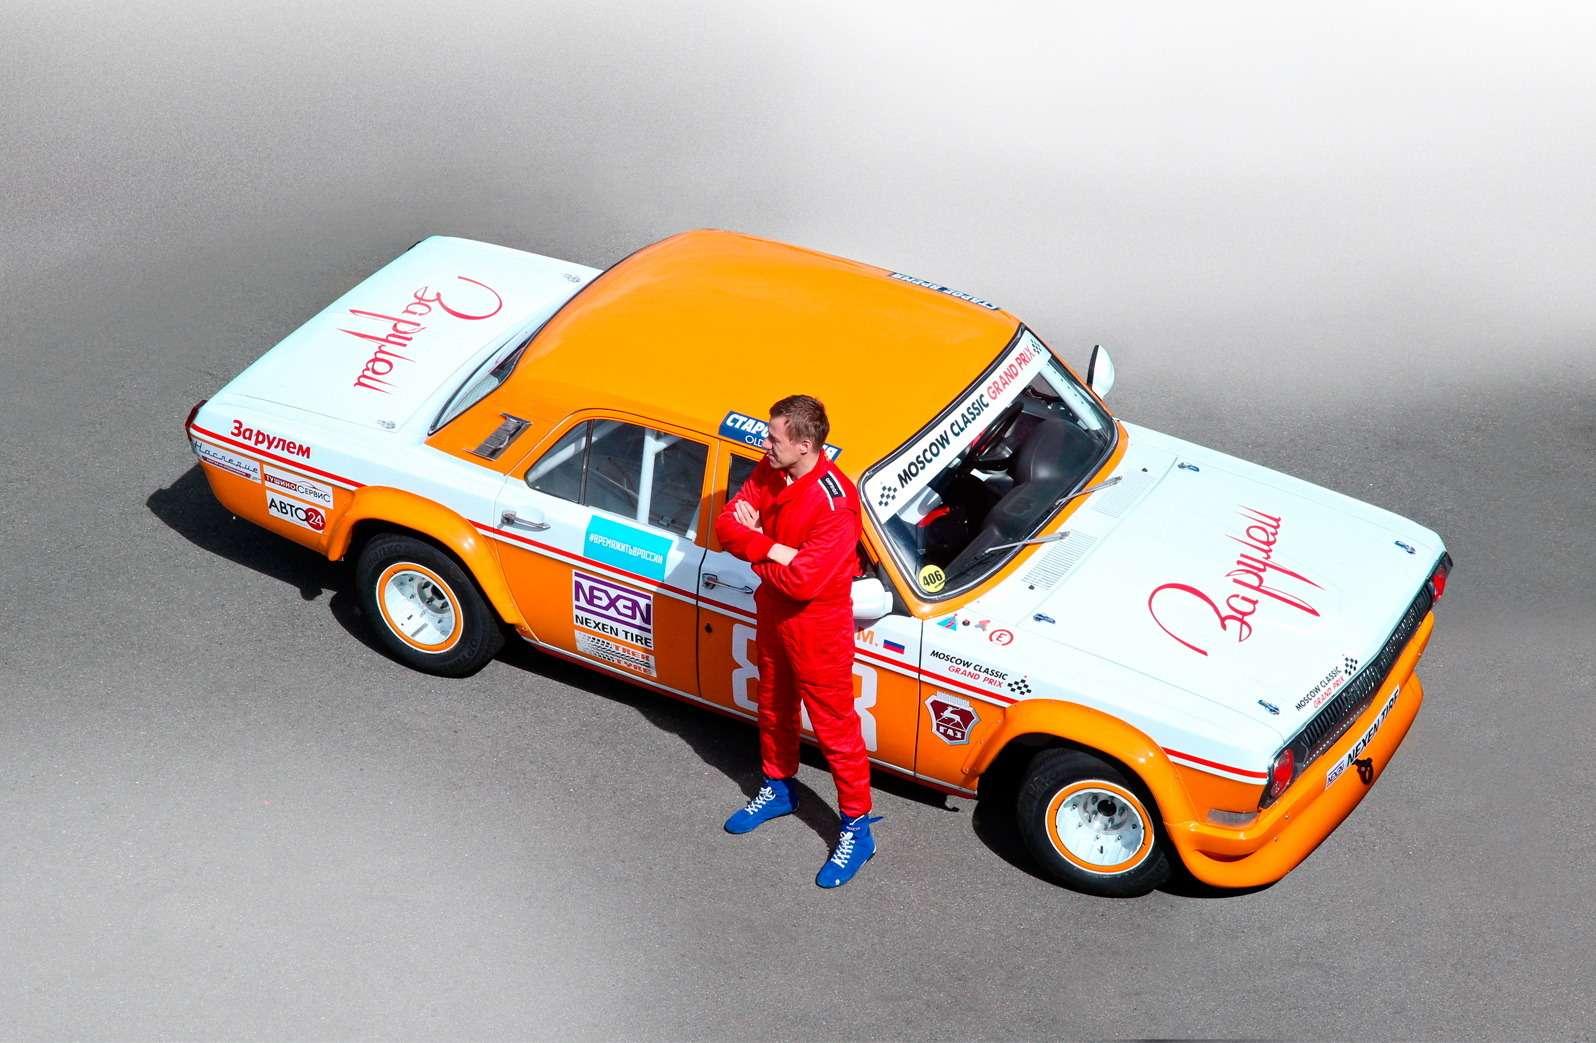 Выводим Волгу ГАЗ-24на Moscow Classic Grand Prix: вспомнить всё— фото 615104